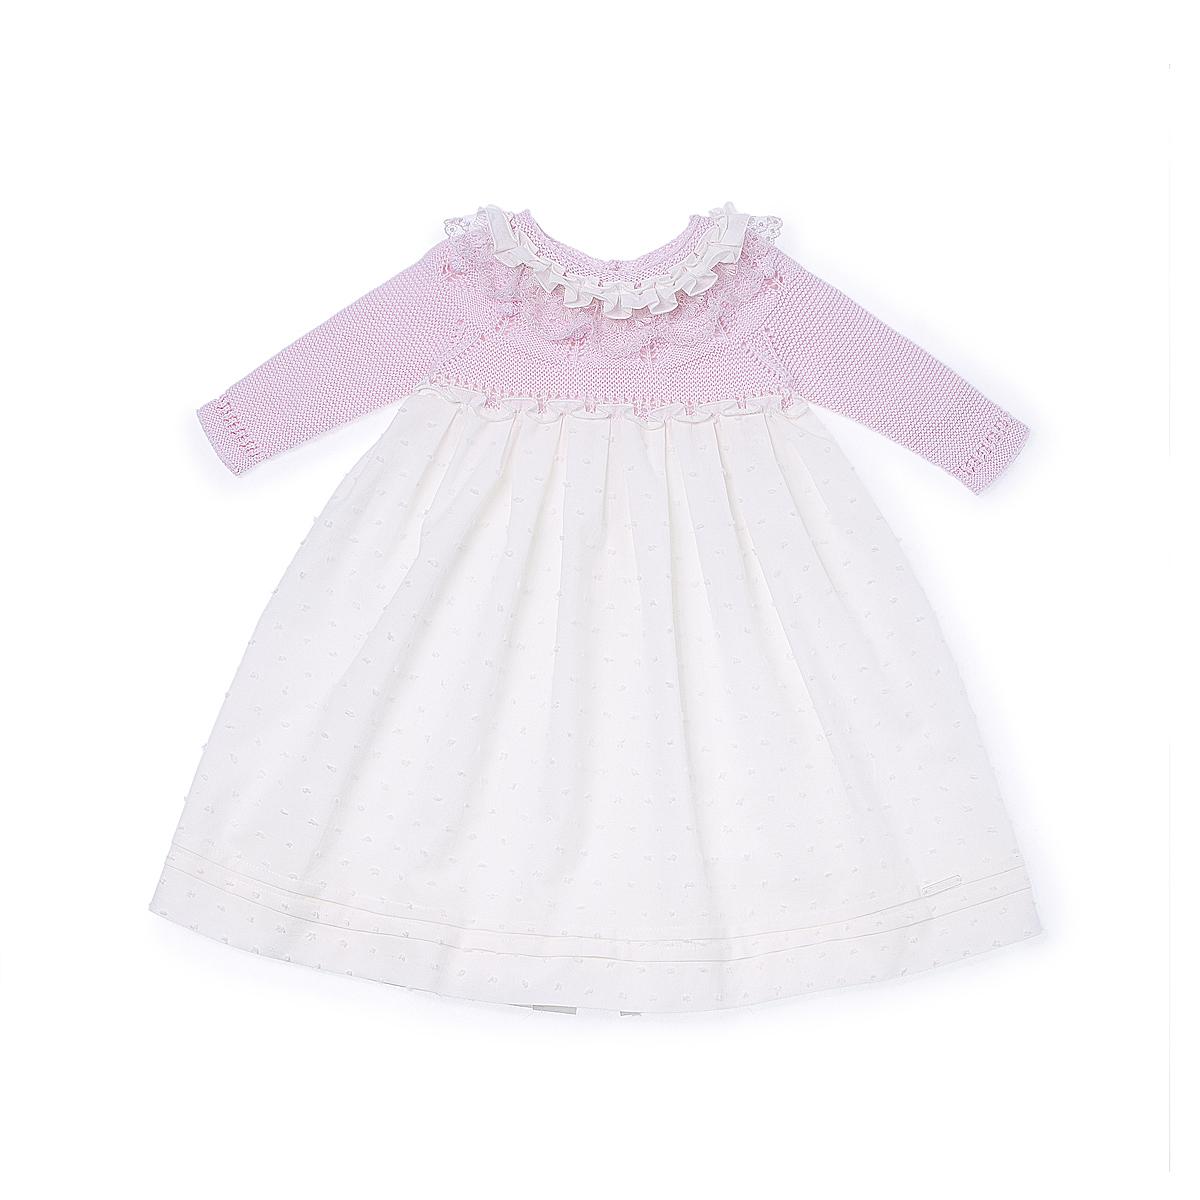 Pili Carrera Baby Girls Dress and Bonnet